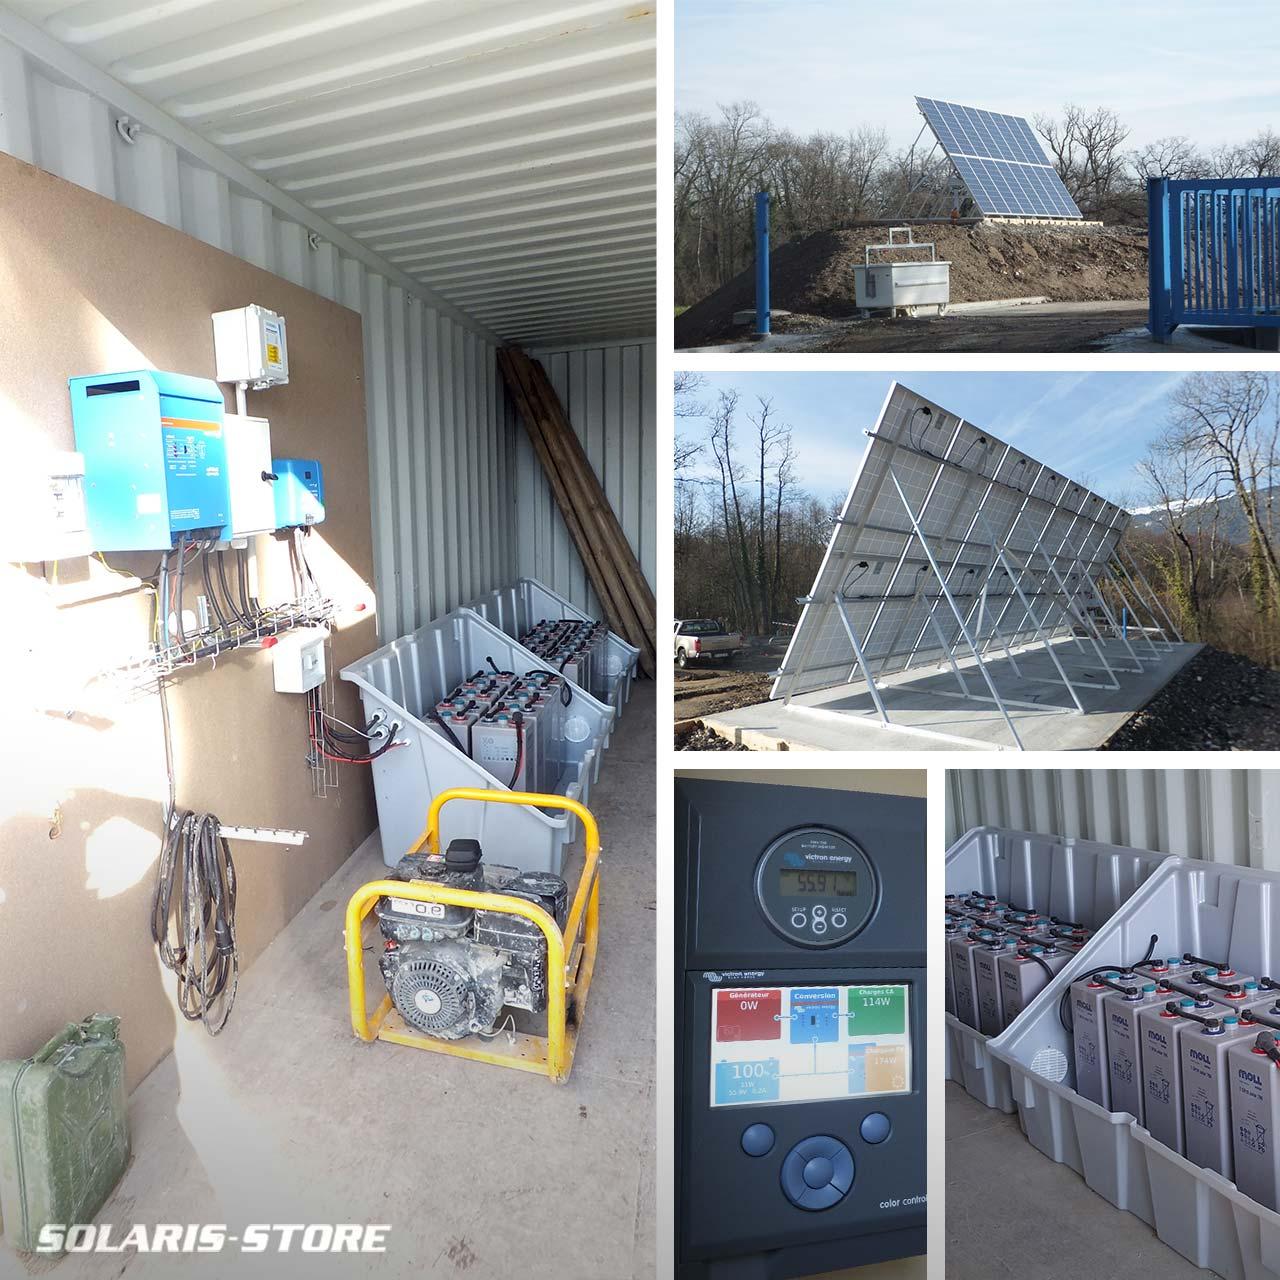 Alimentation d'un centre de recyclage en énergie solaire couplé à un groupe électrogène à la frontière Suisse